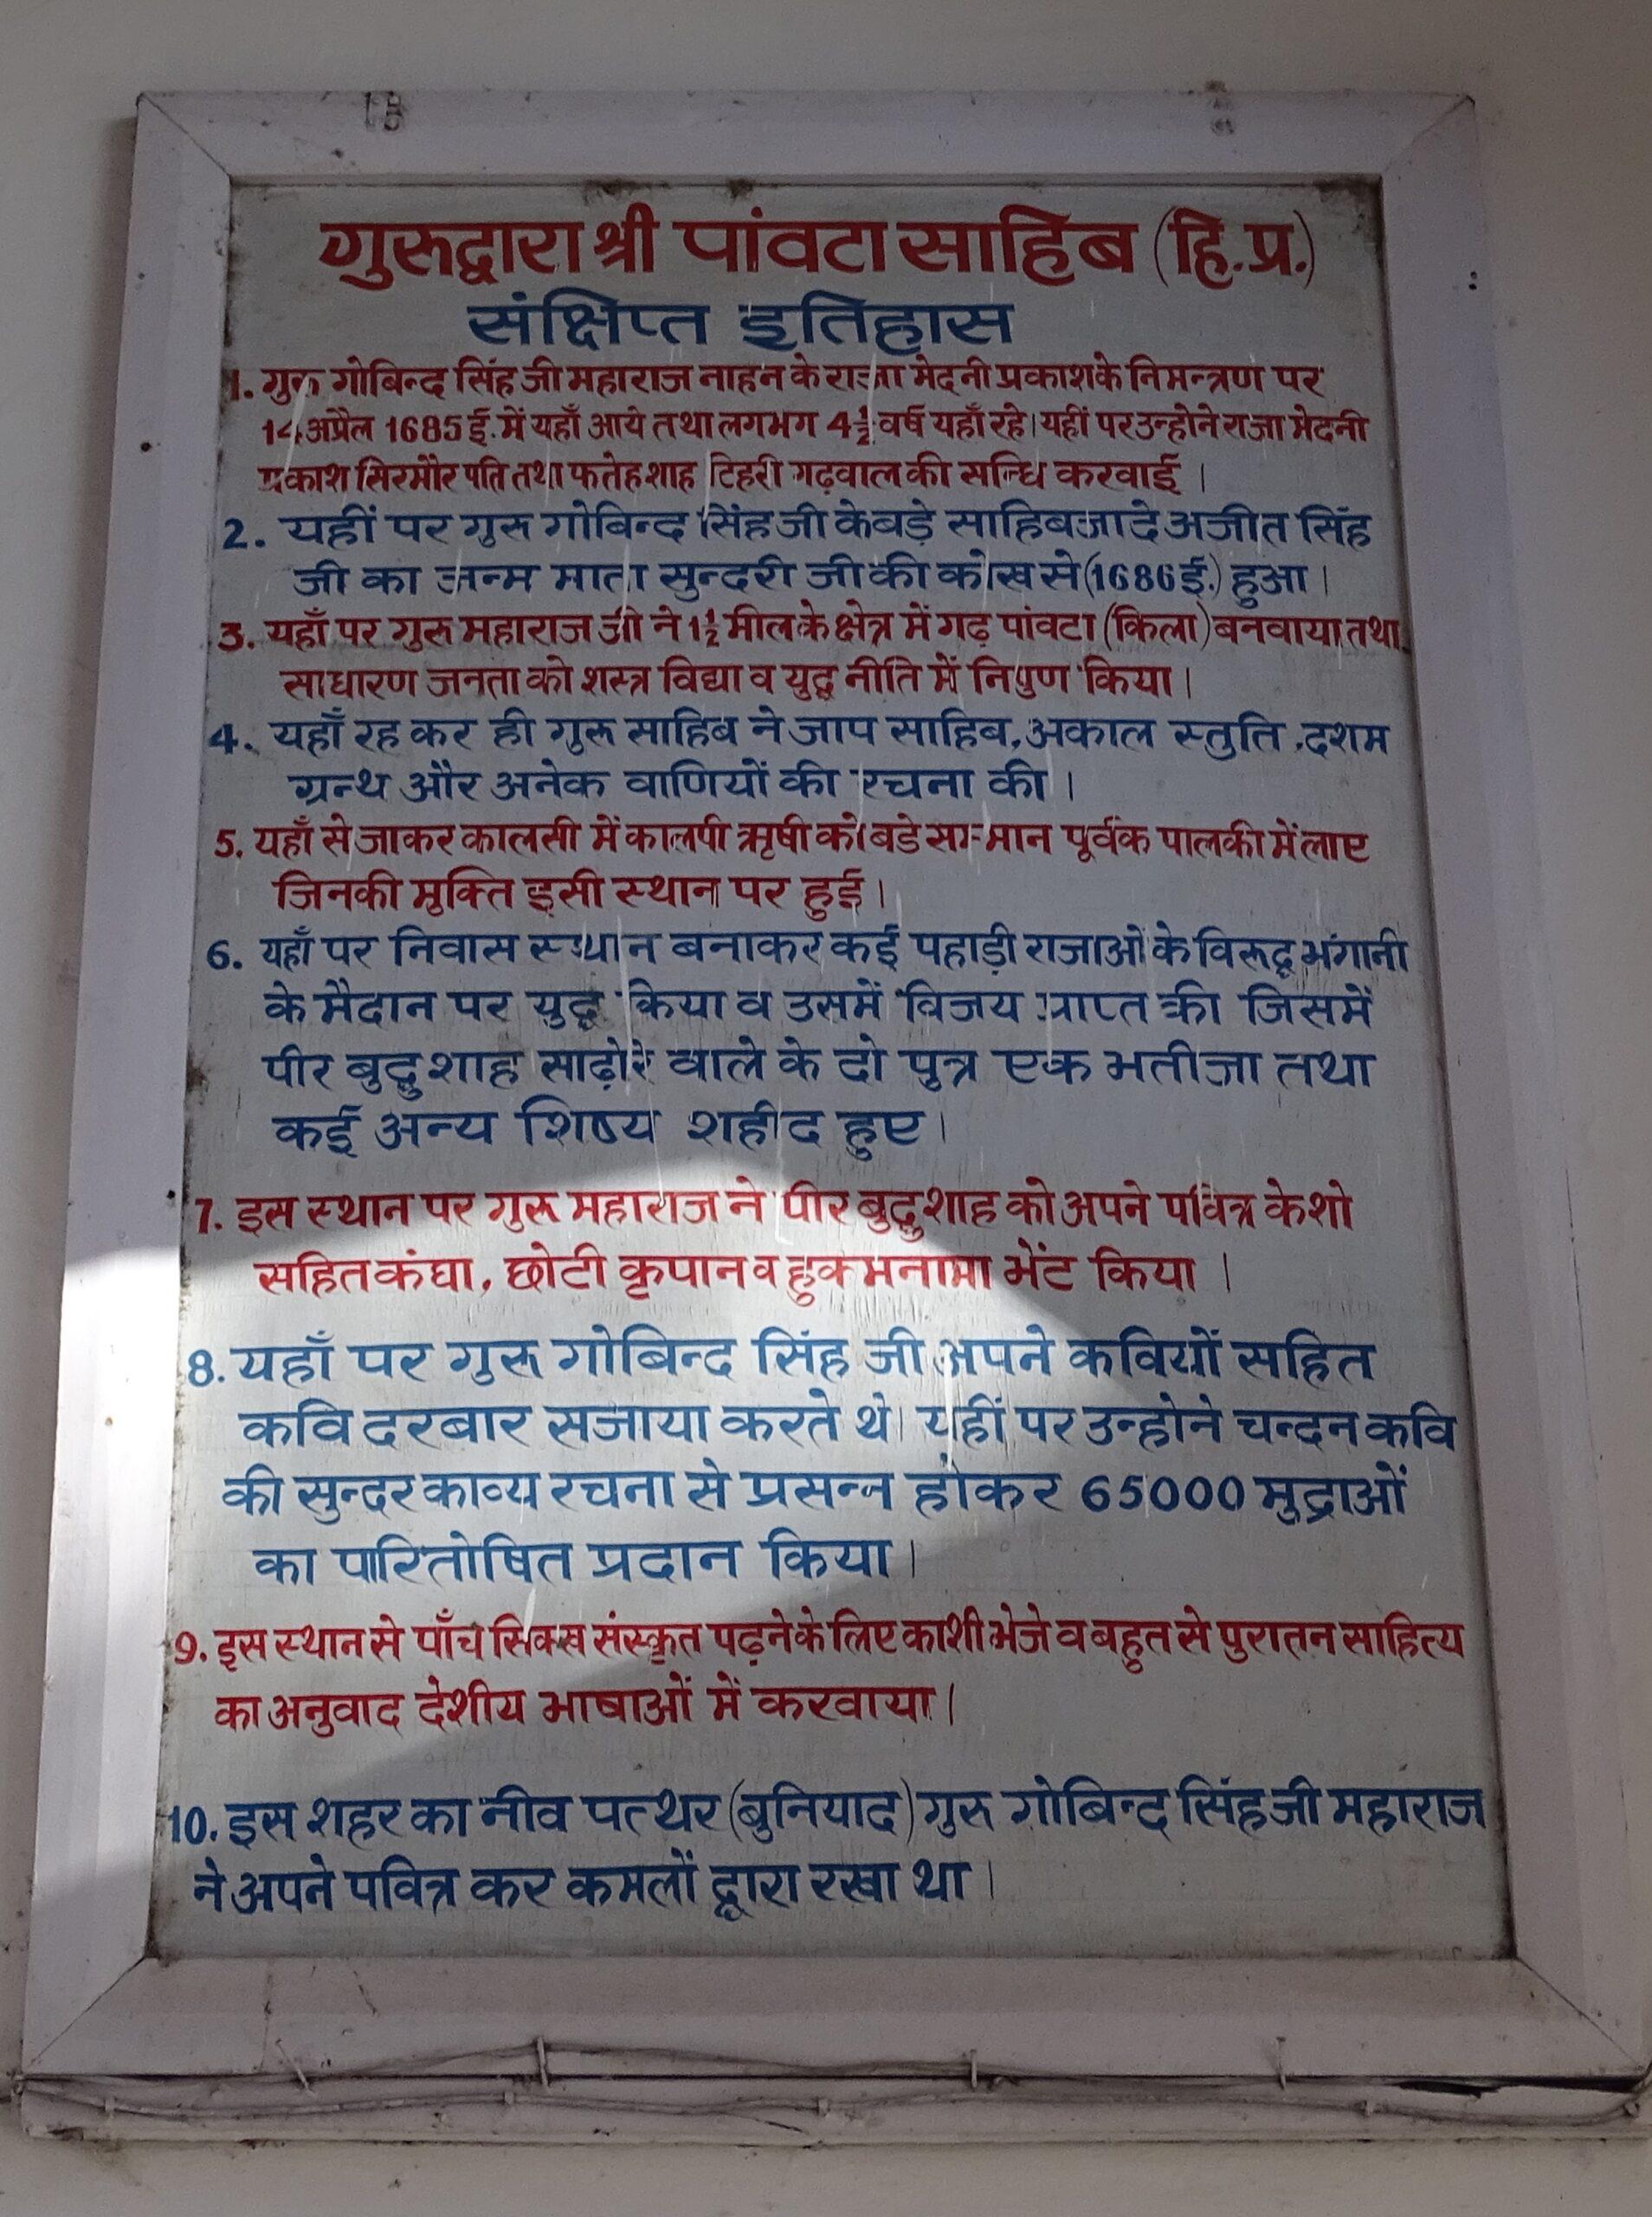 Gurdwara Sri Paonta Sahib (Sirmaur, Himachal Pradesh) Brief History